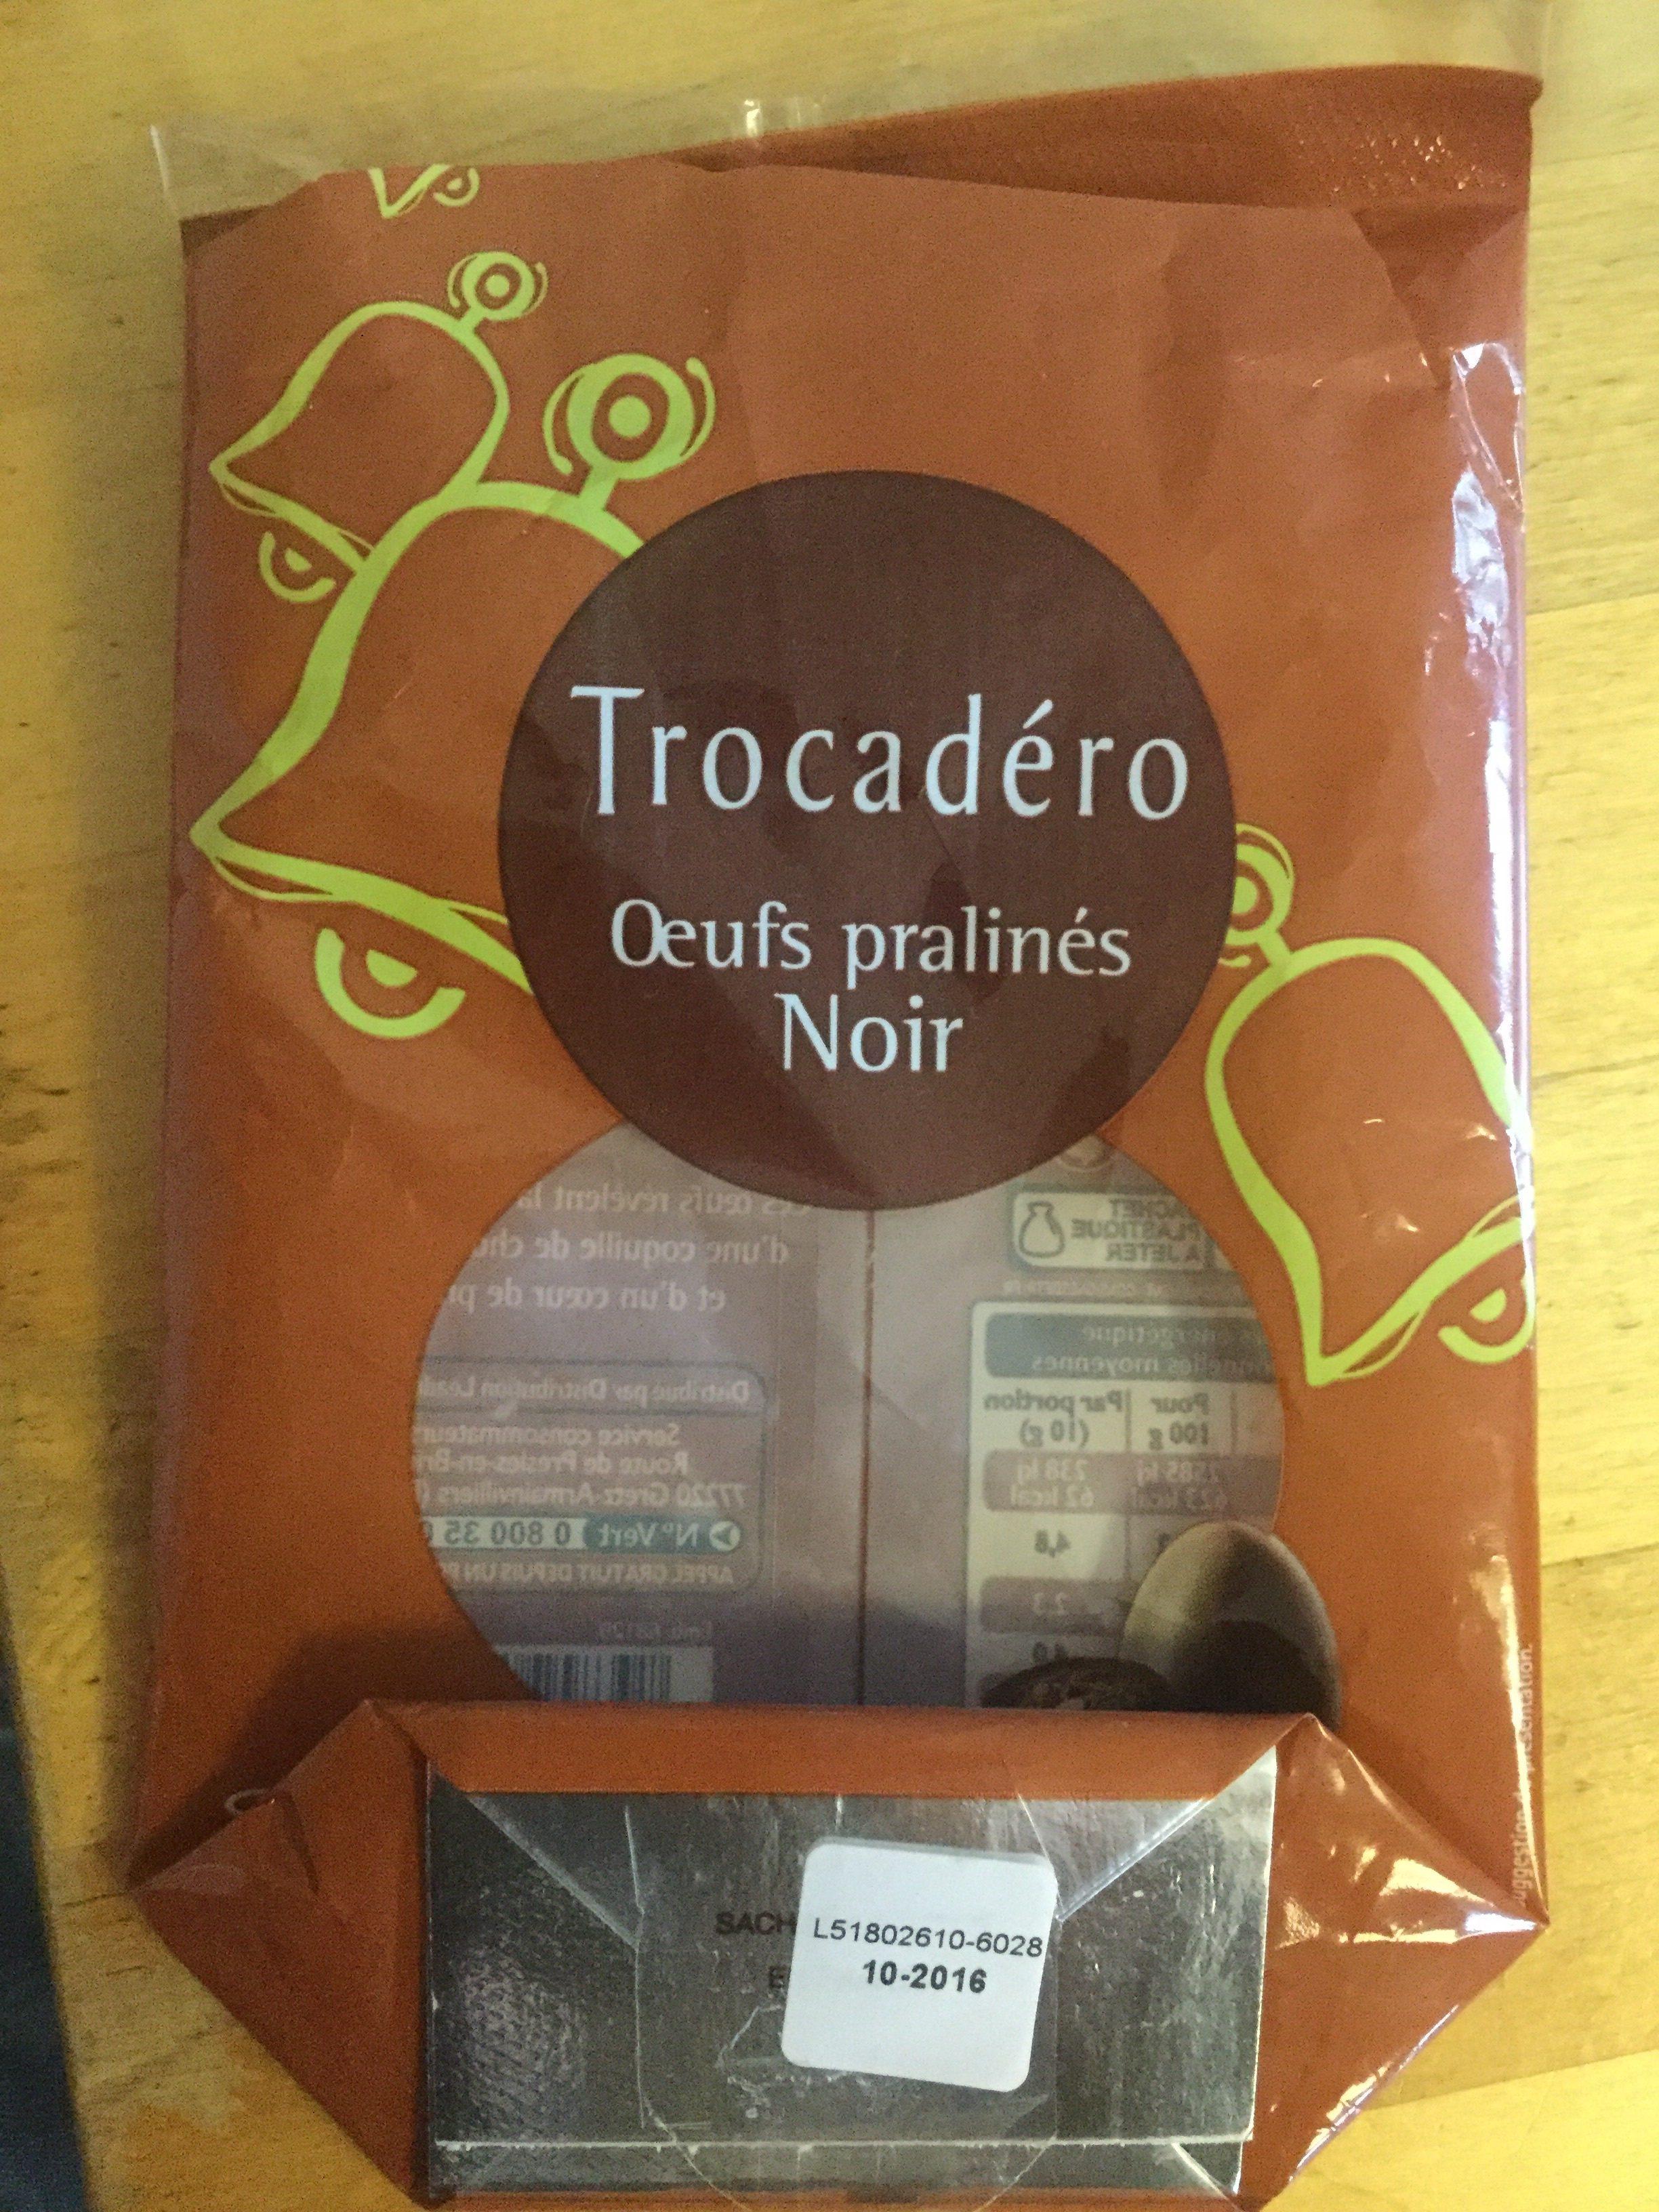 Oeufs pralinés noir - Product - fr